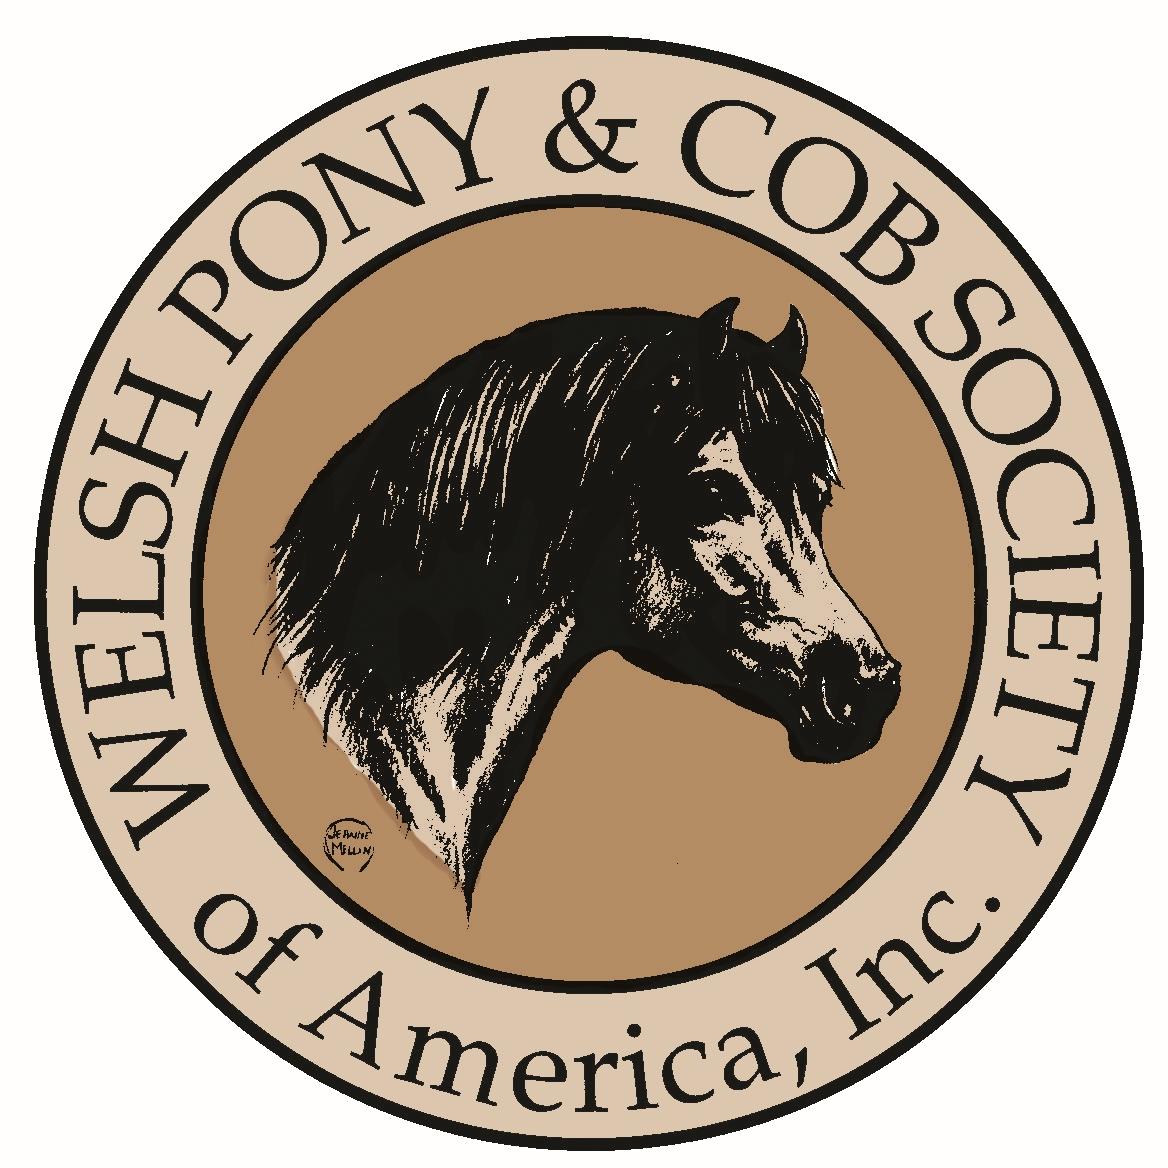 Welsh Pony & Cob LogoHIREScolor (3)